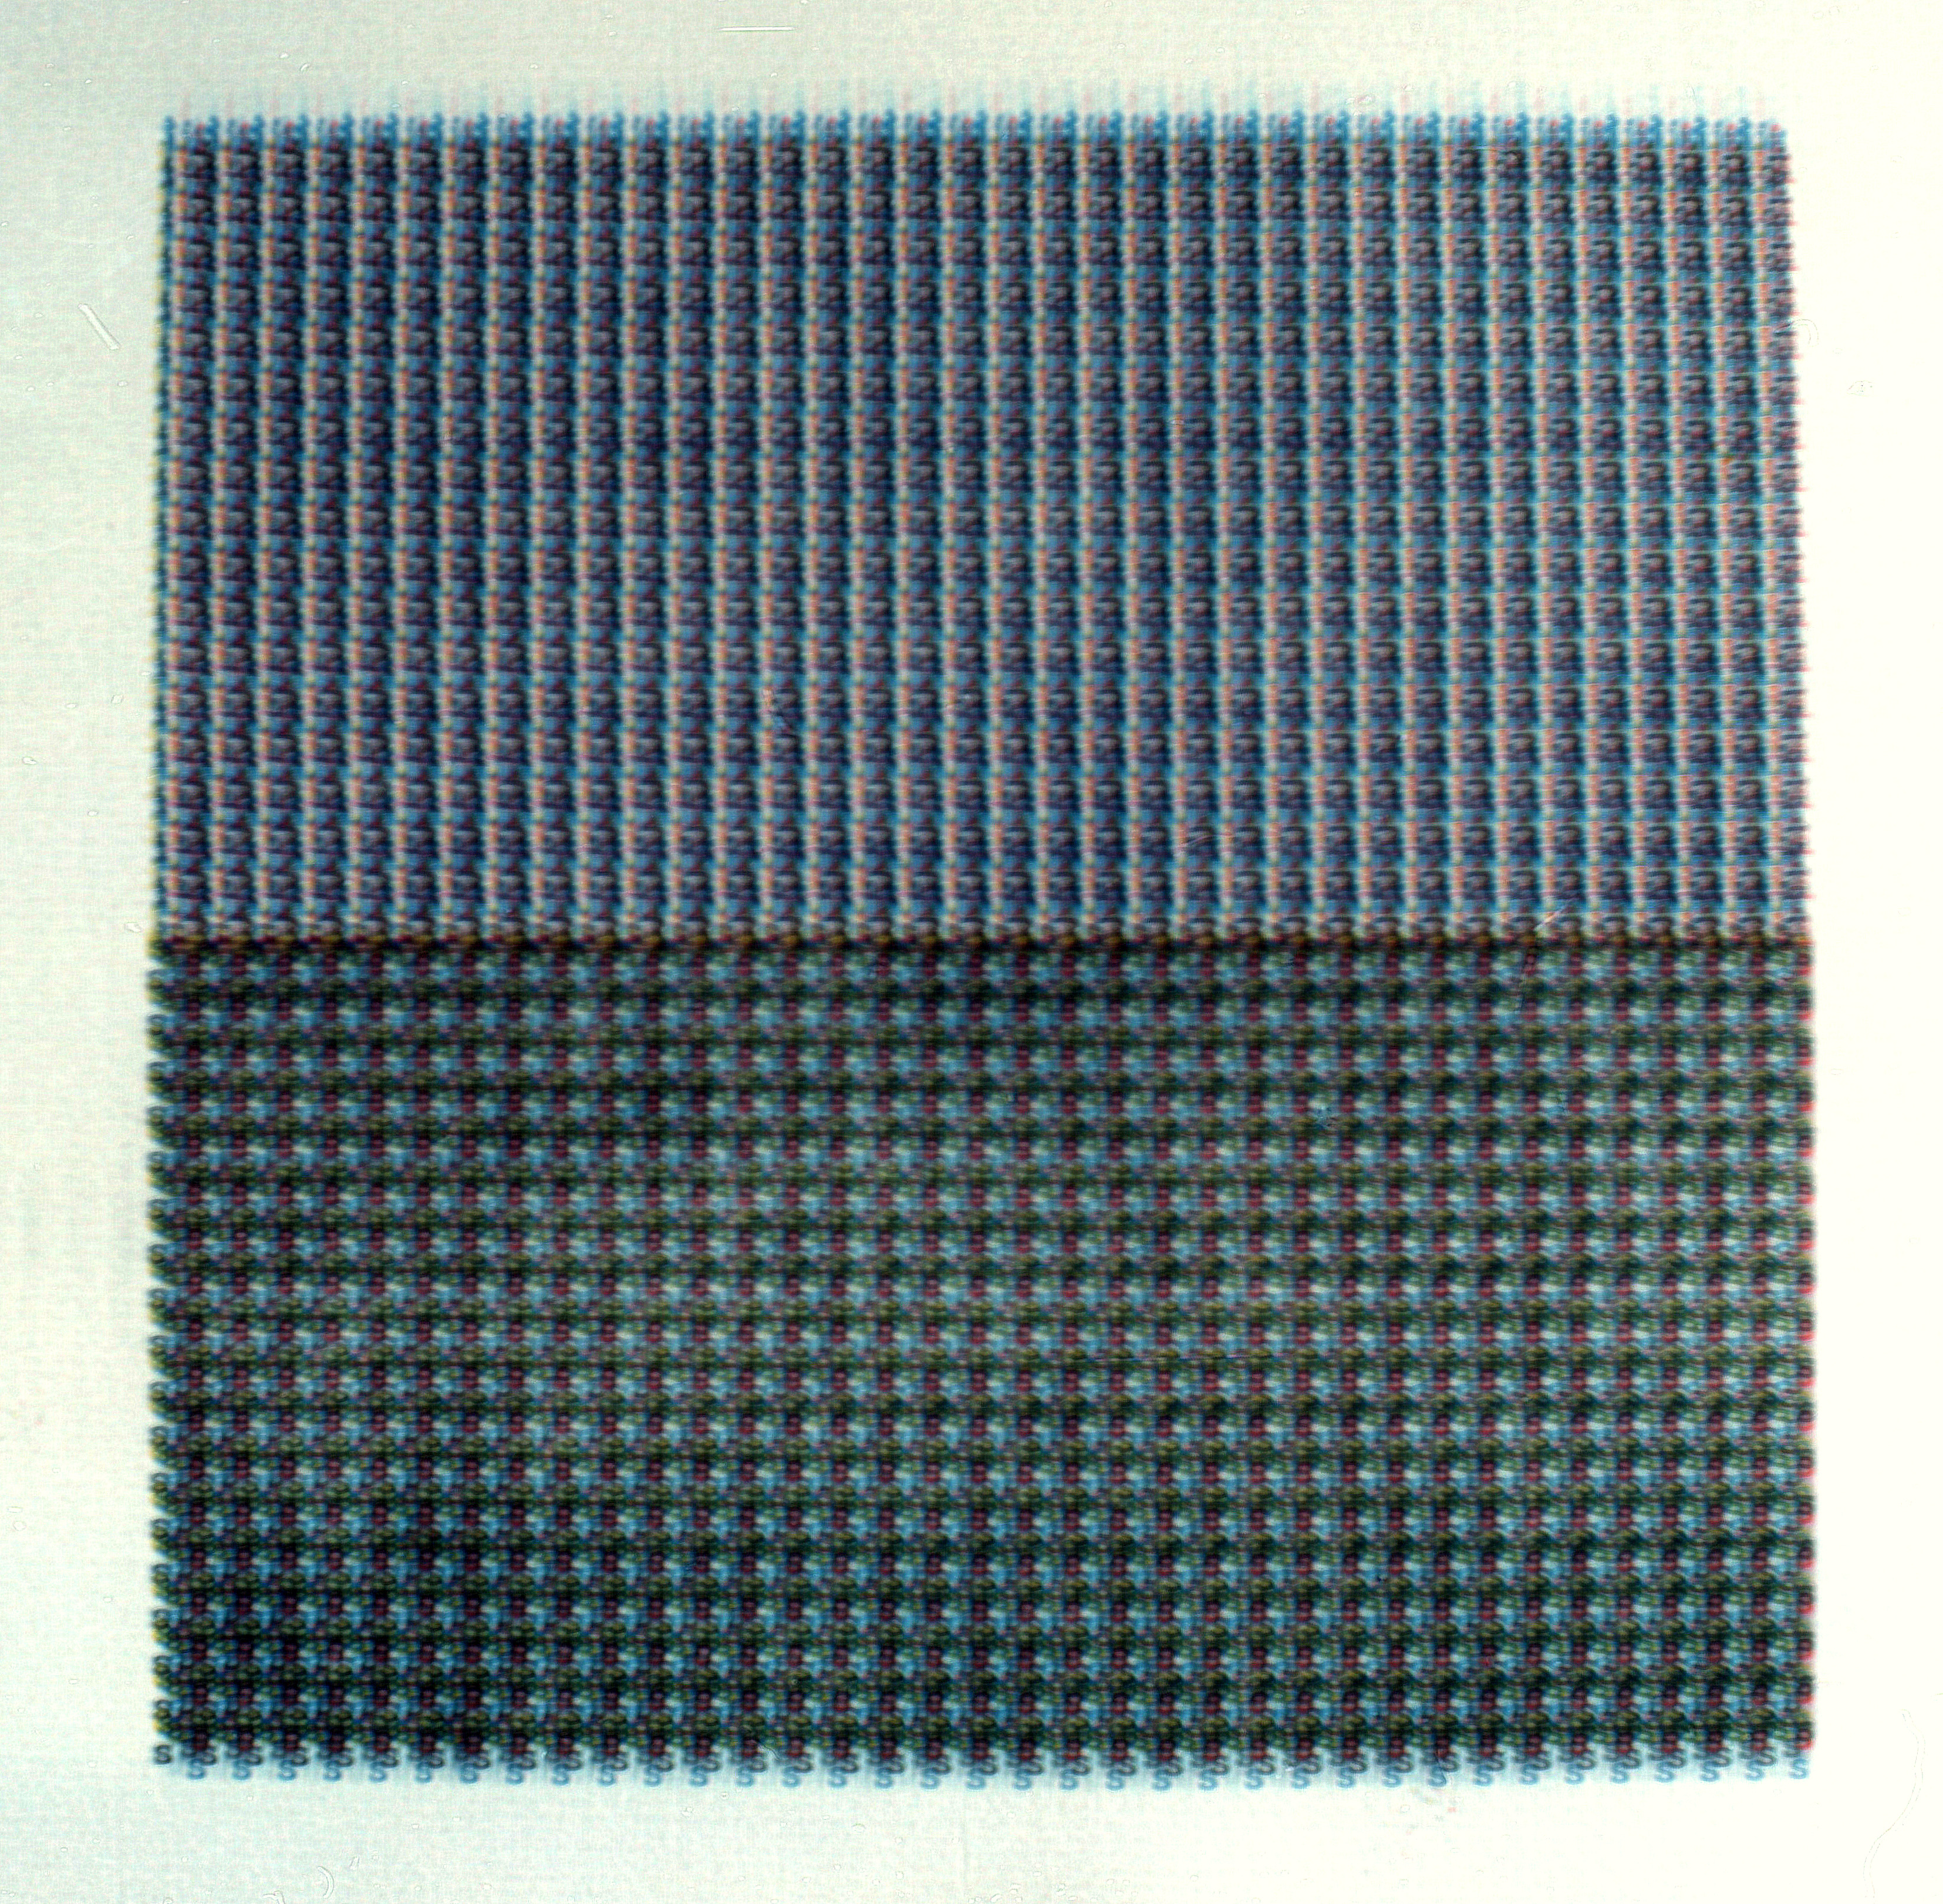 offset print is 155700-HRSL-057